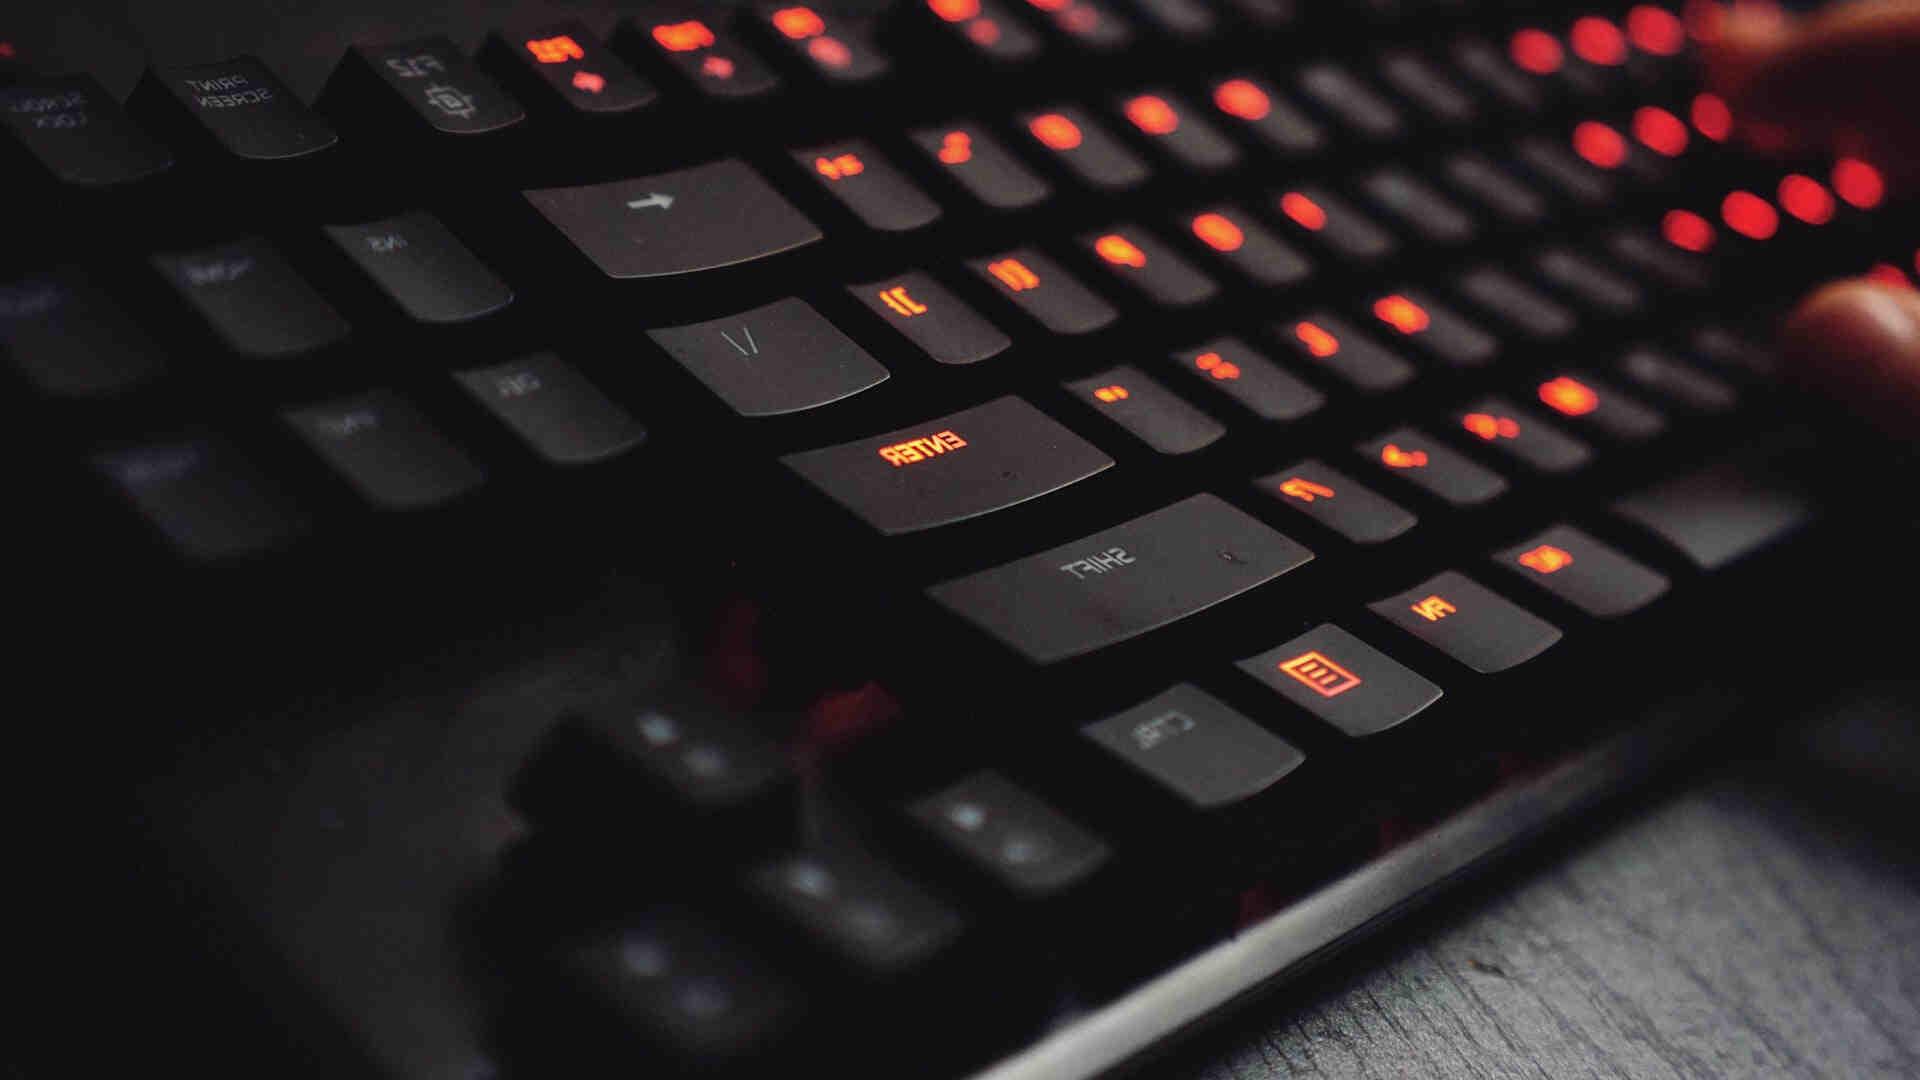 Comment faire un arobase sur un clavier français ?